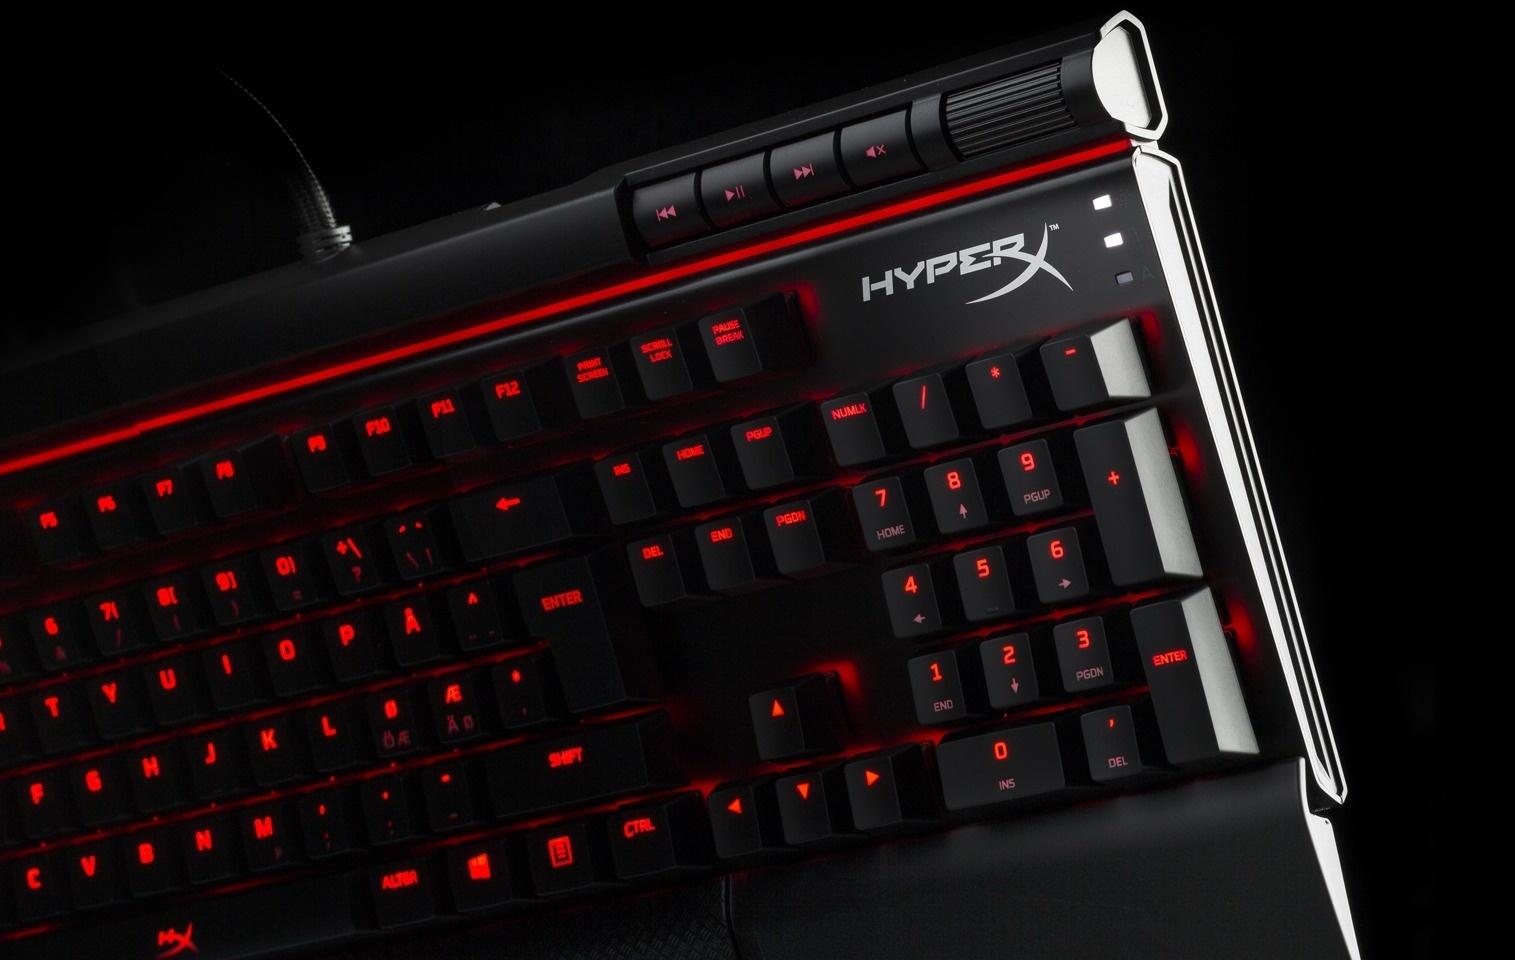 Новые механические клавиатуры HyperX Alloy Elite и Alloy FPS Pro: вам спорт или комфорт? - 3